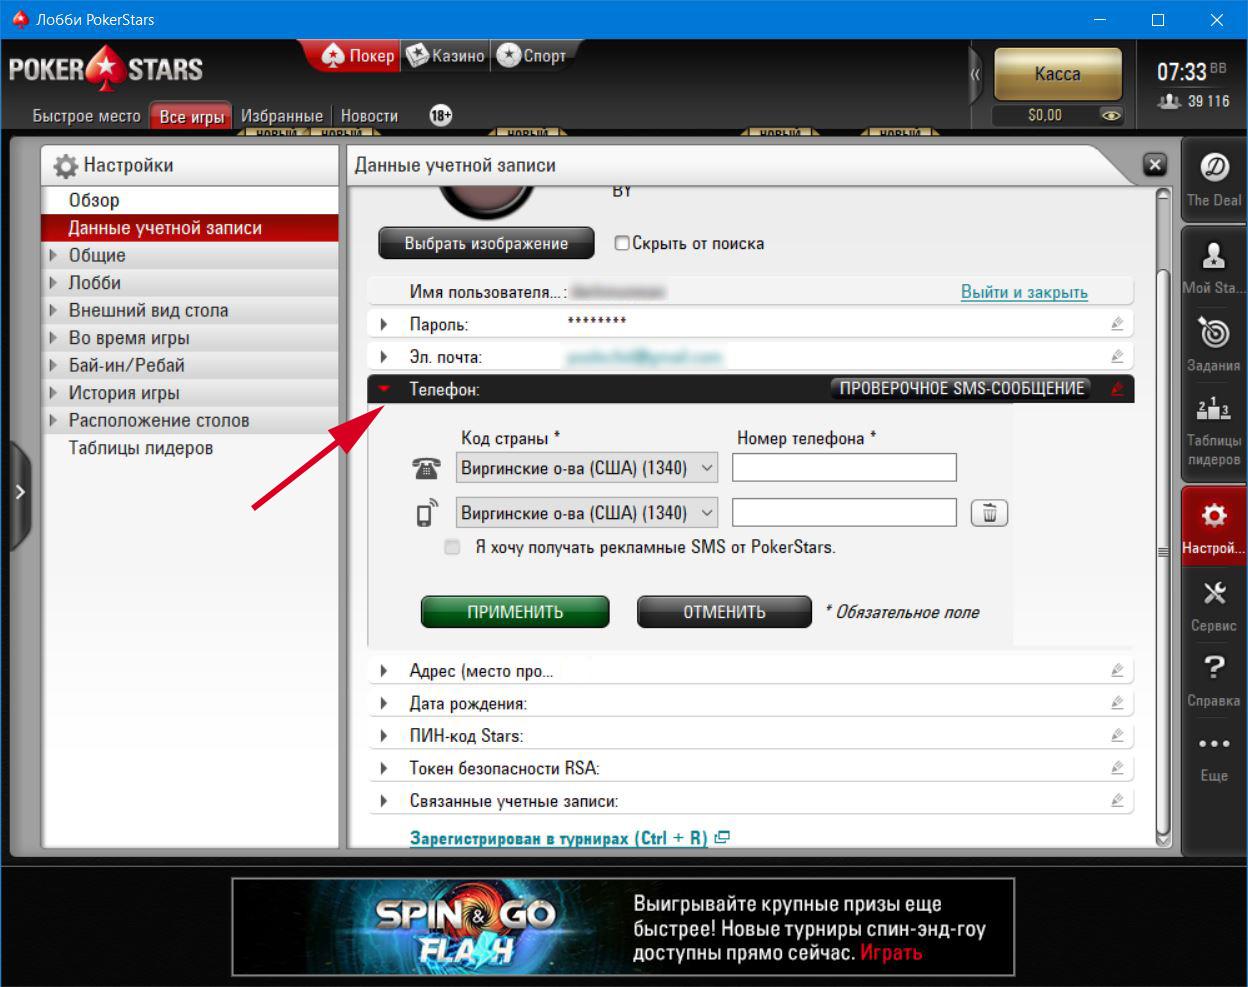 Подтверждение номера телефона в клиенте PokerStars.